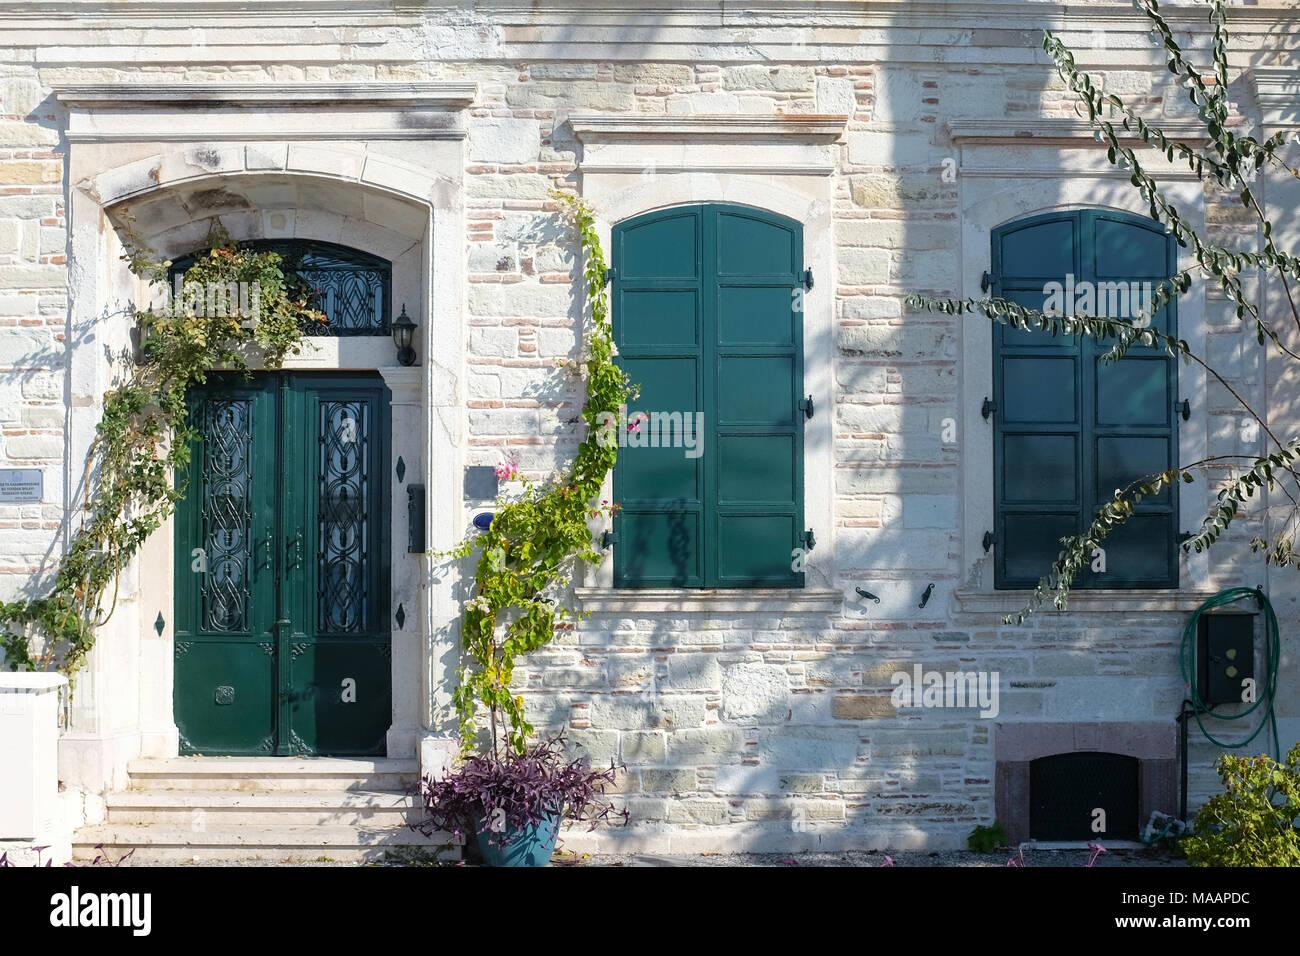 Vintage Tür bunte grün vintage tür und fenster stockfoto, bild: 178487384 - alamy